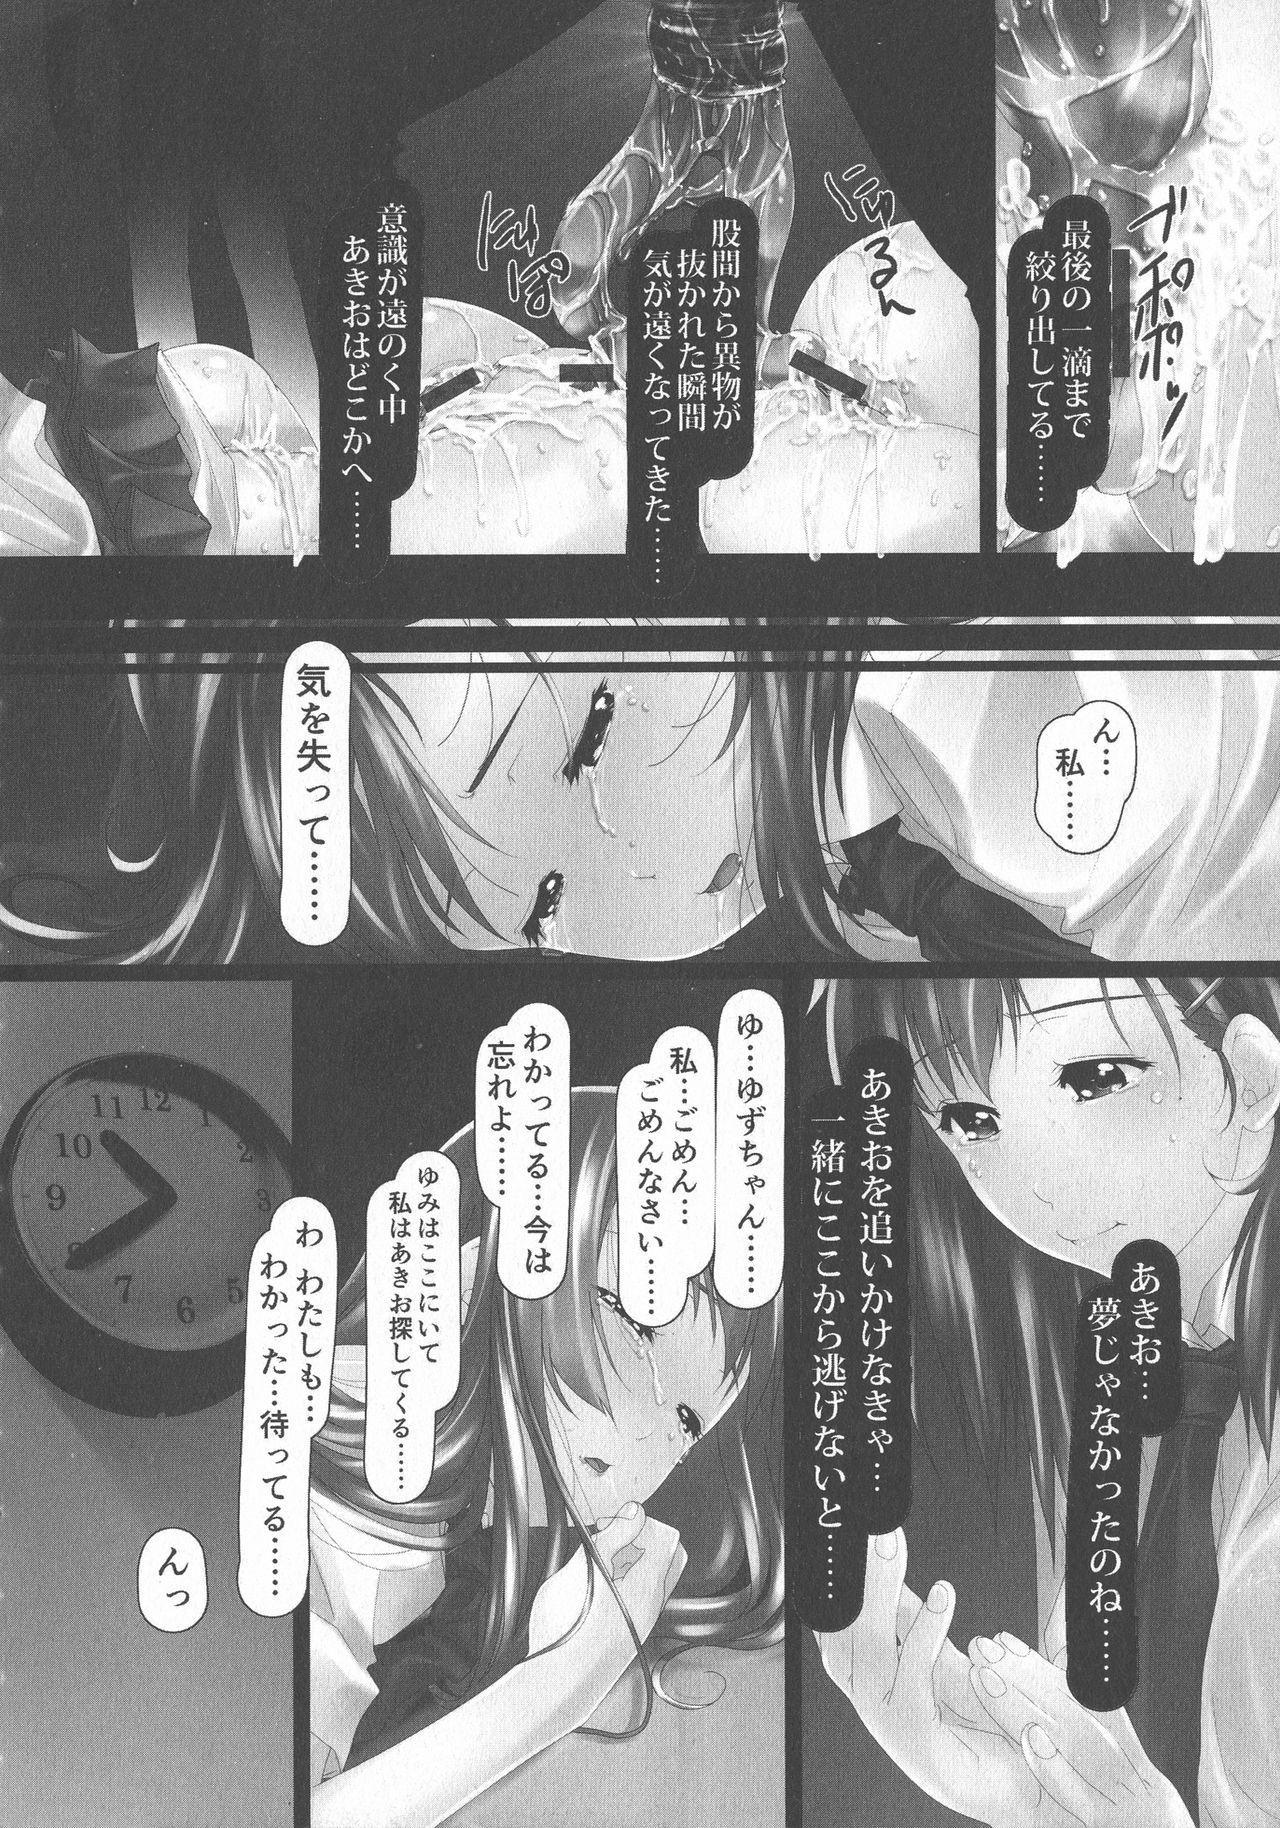 Jochiku no Utage 183